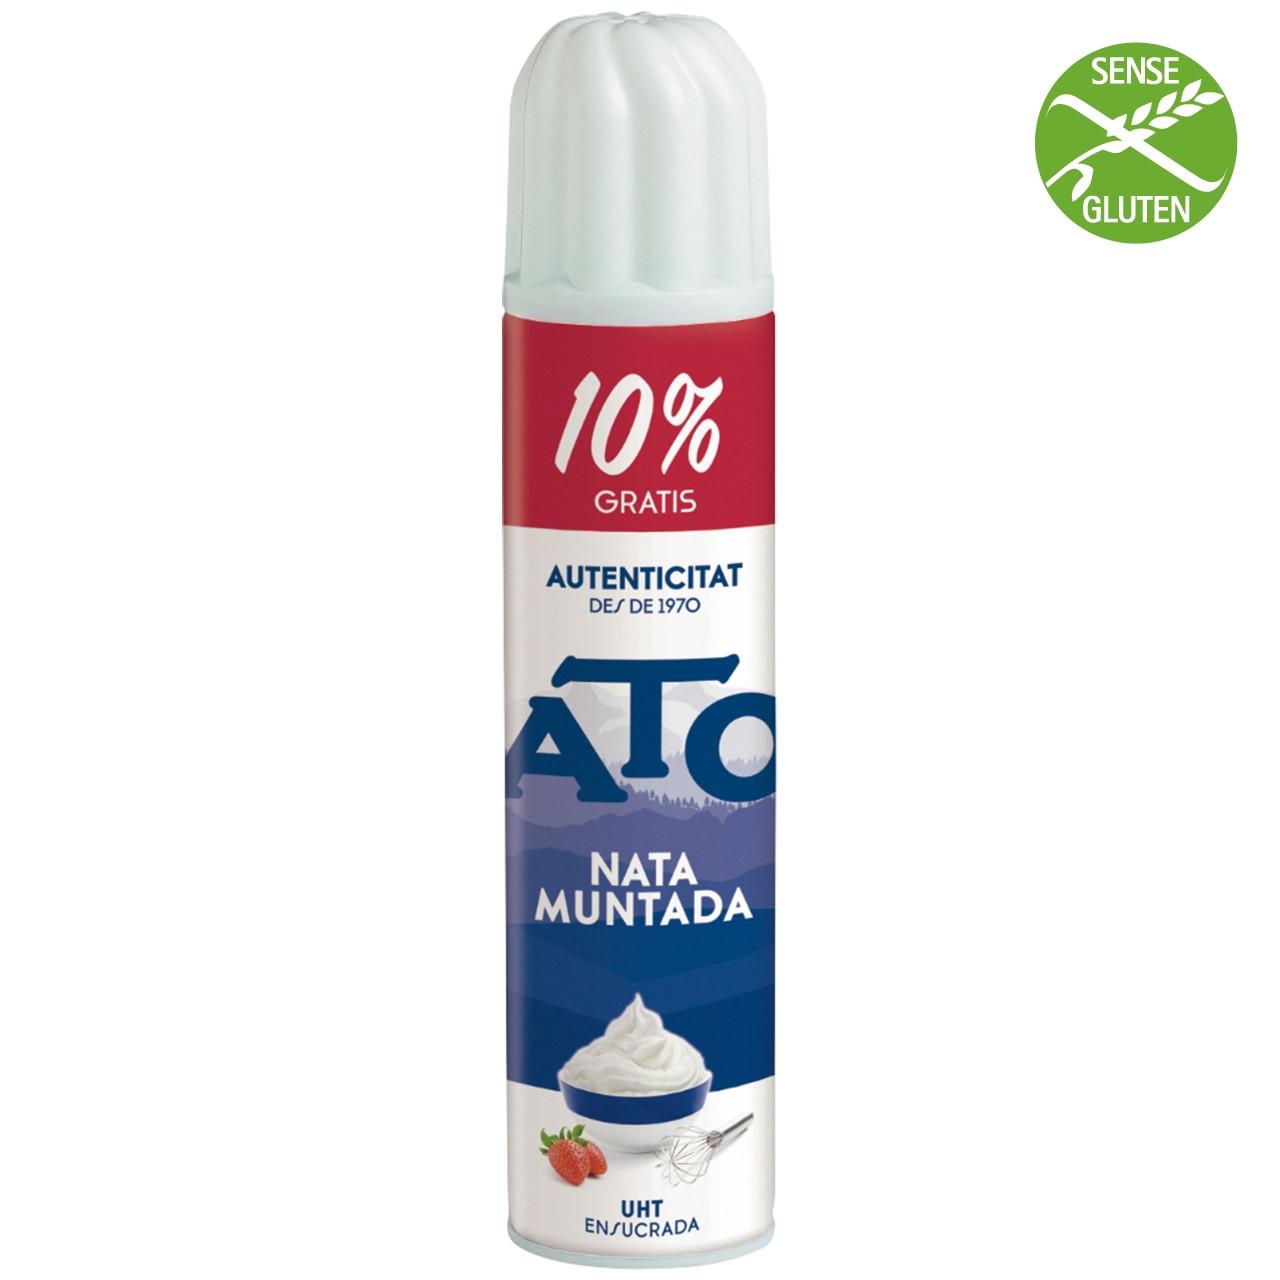 Nata Ato esprai 250 gr +10% gratis